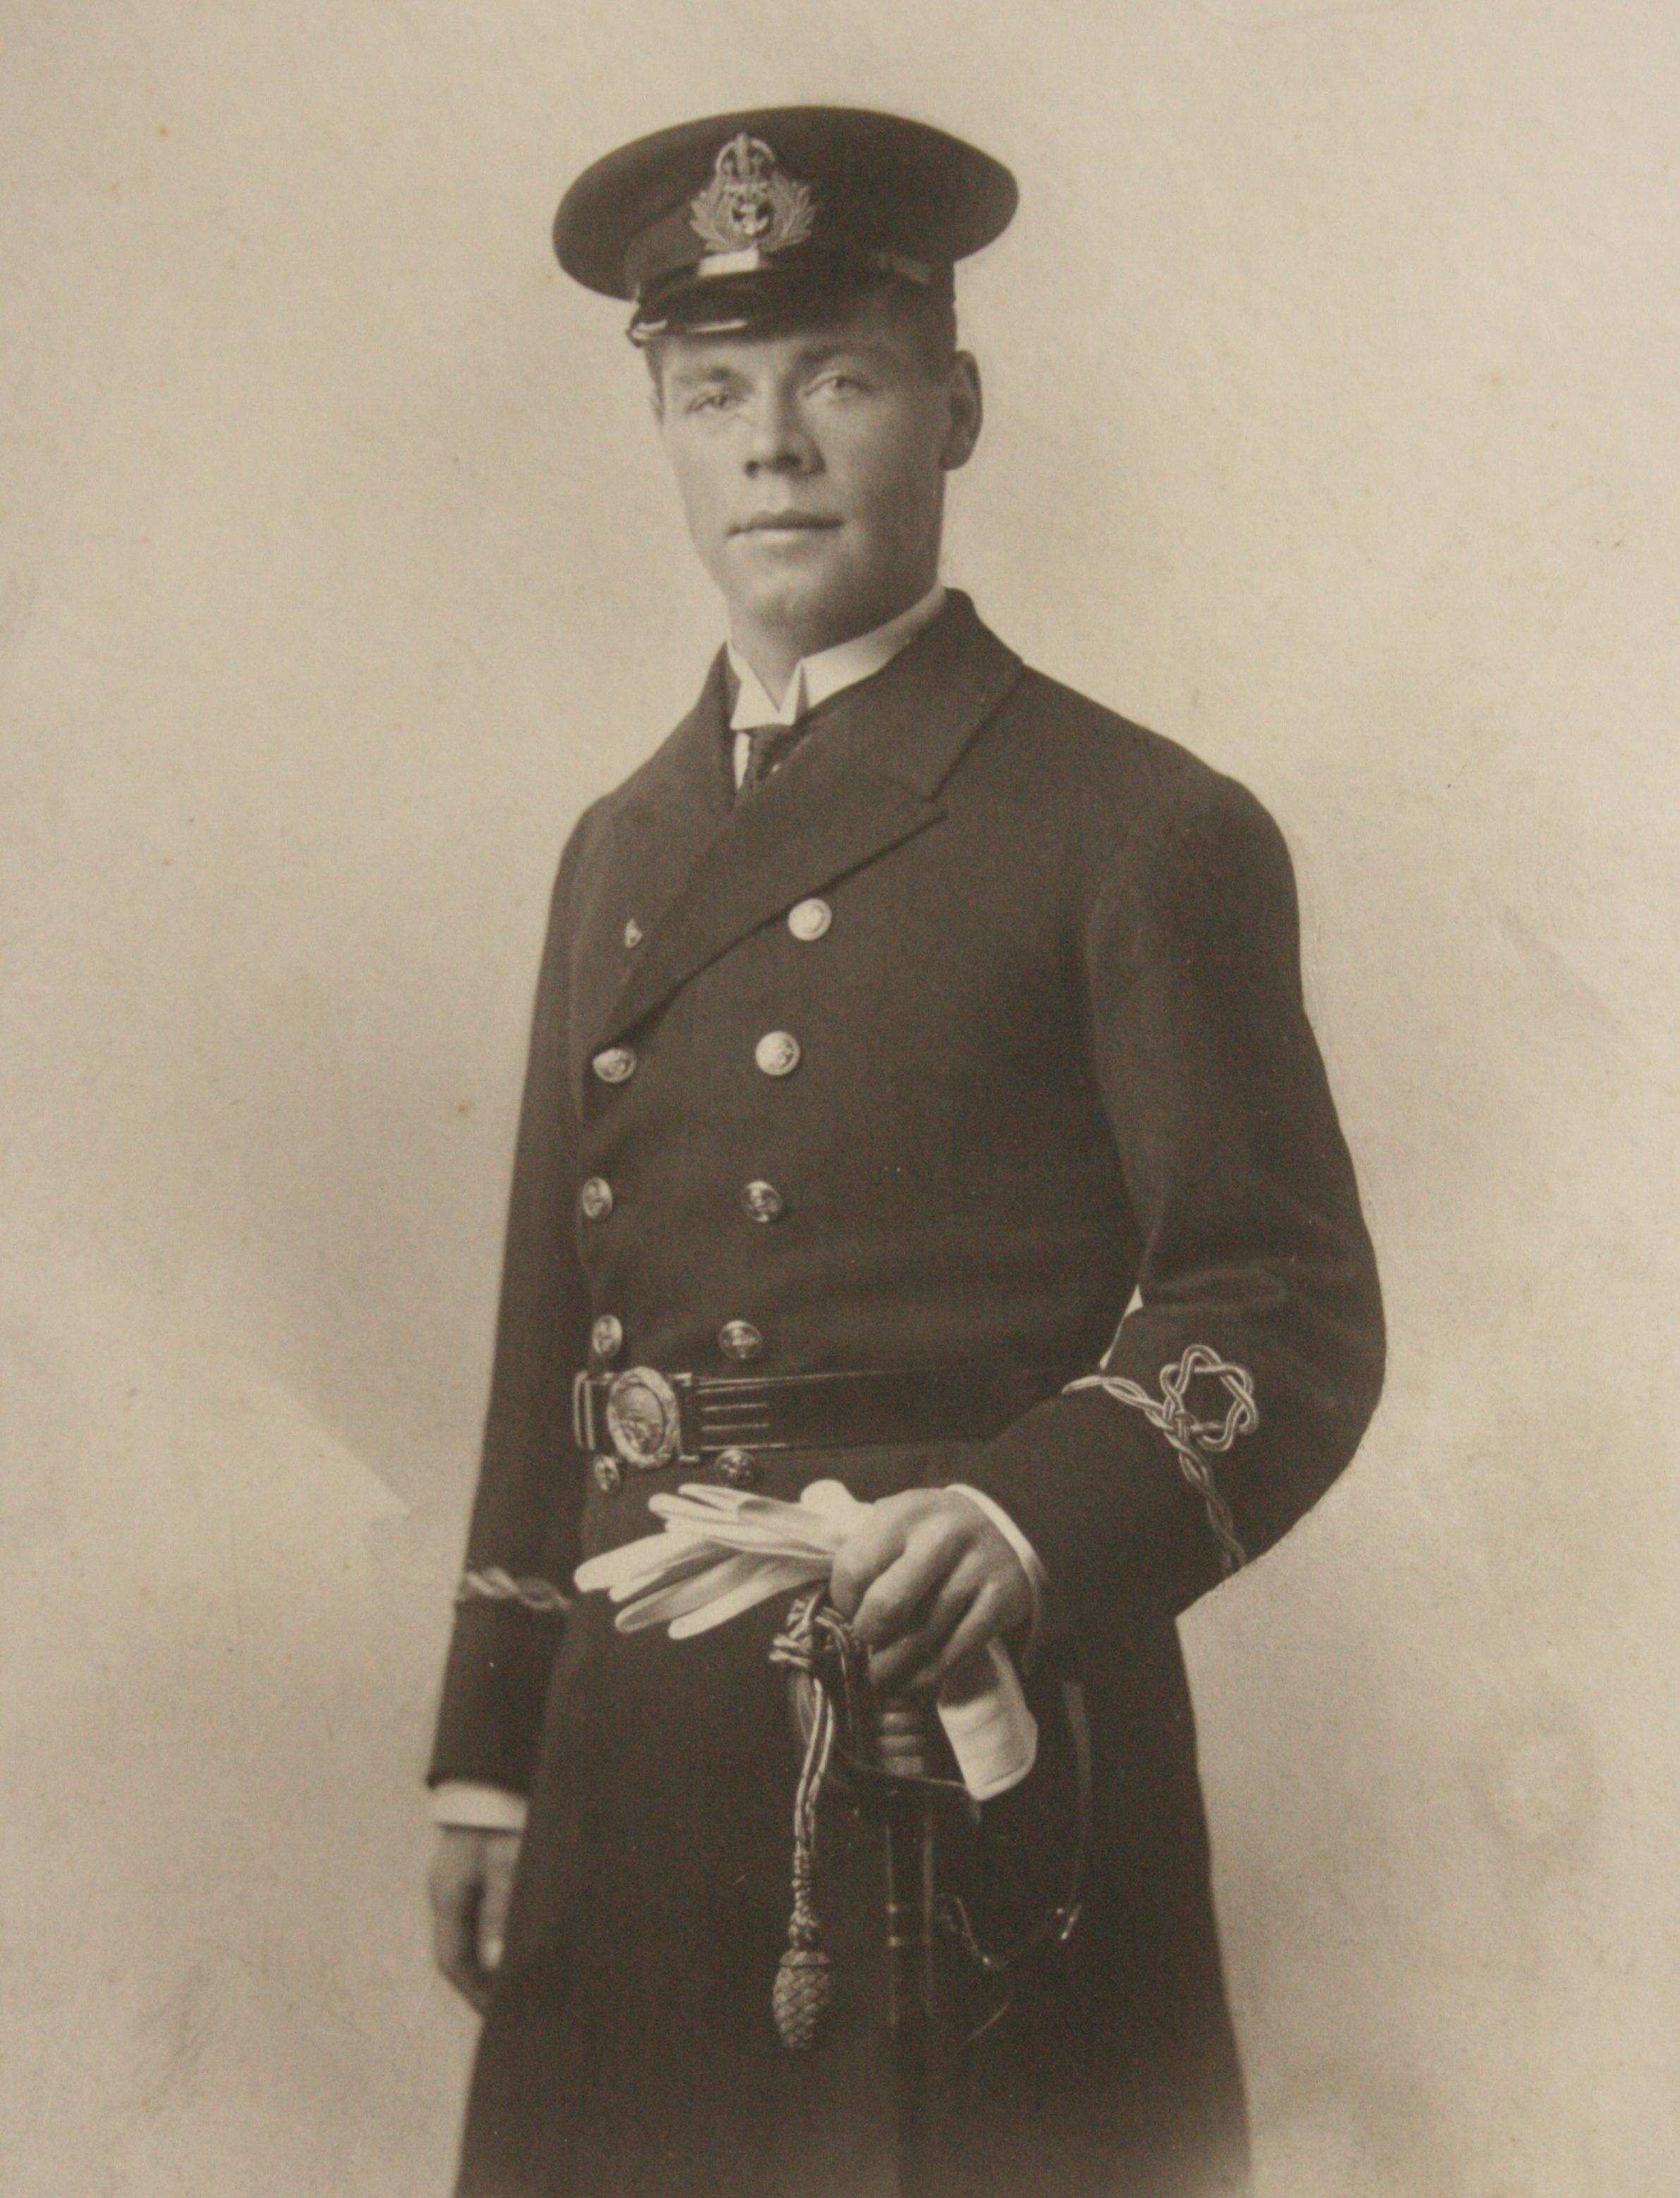 James Hooper in Merchant Navy dress uniform